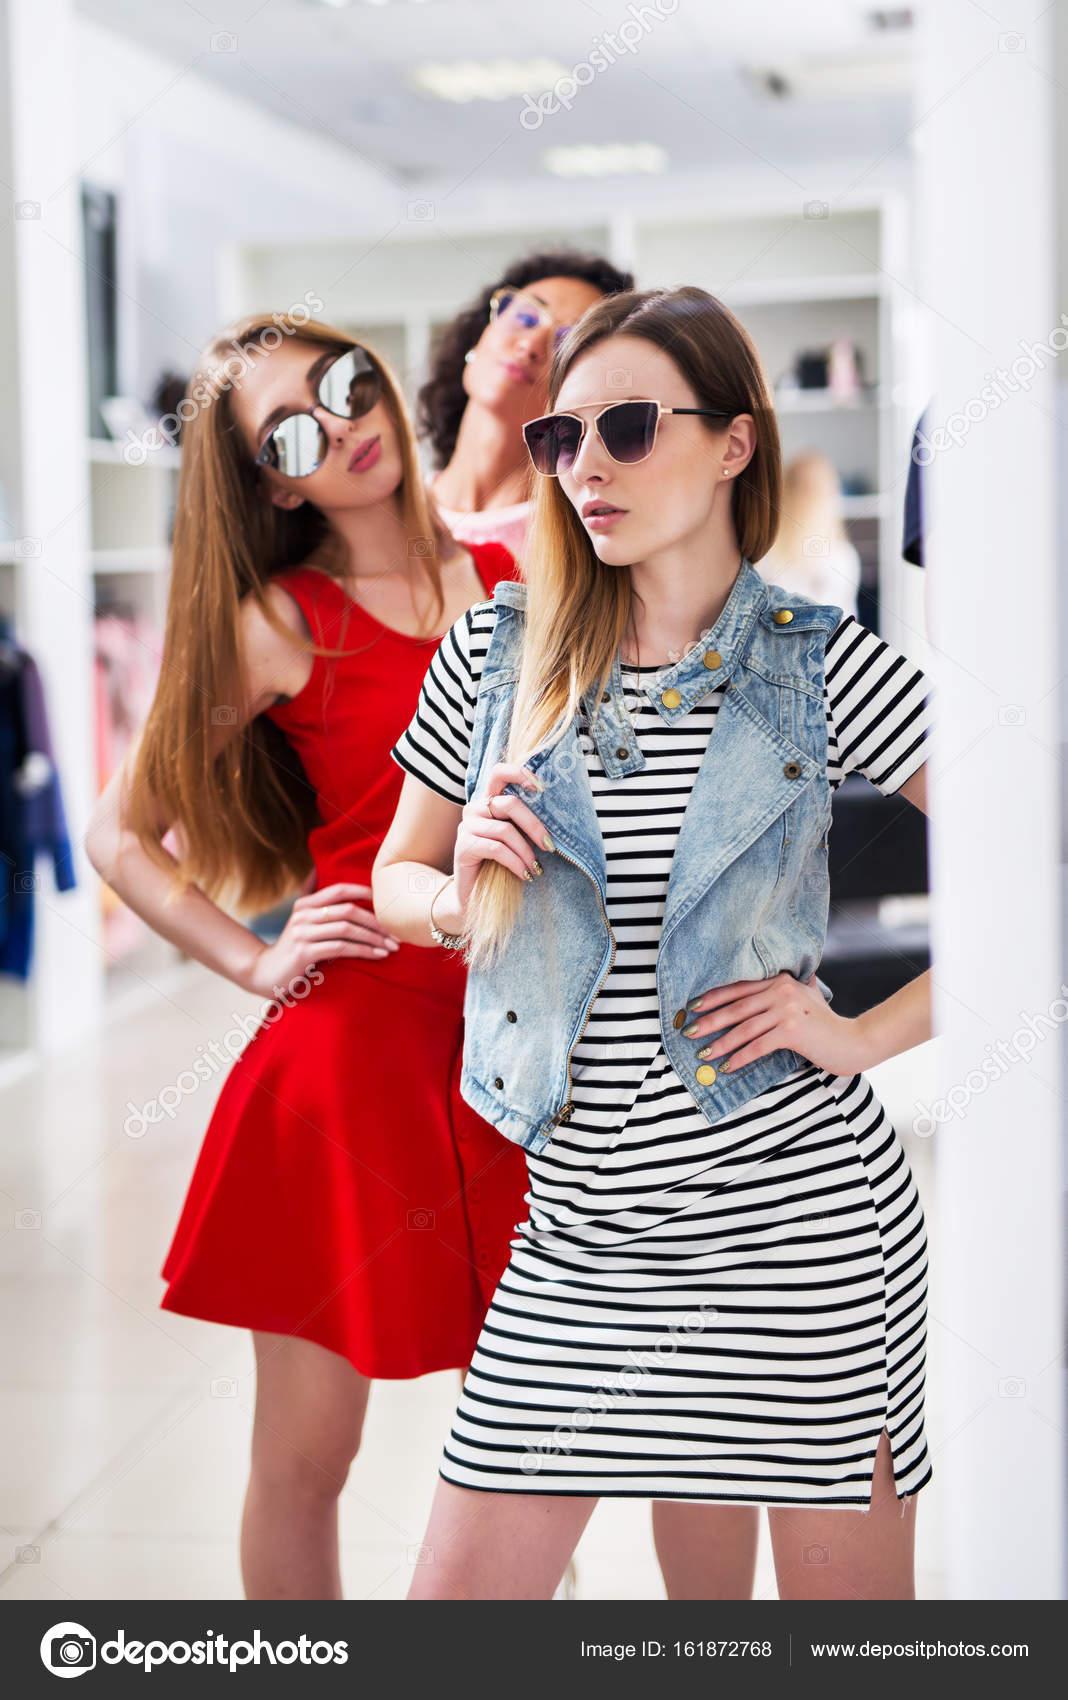 Fotos Ropa Ala Moda Para Mujeres Caliente Las Mujeres Jóvenes De